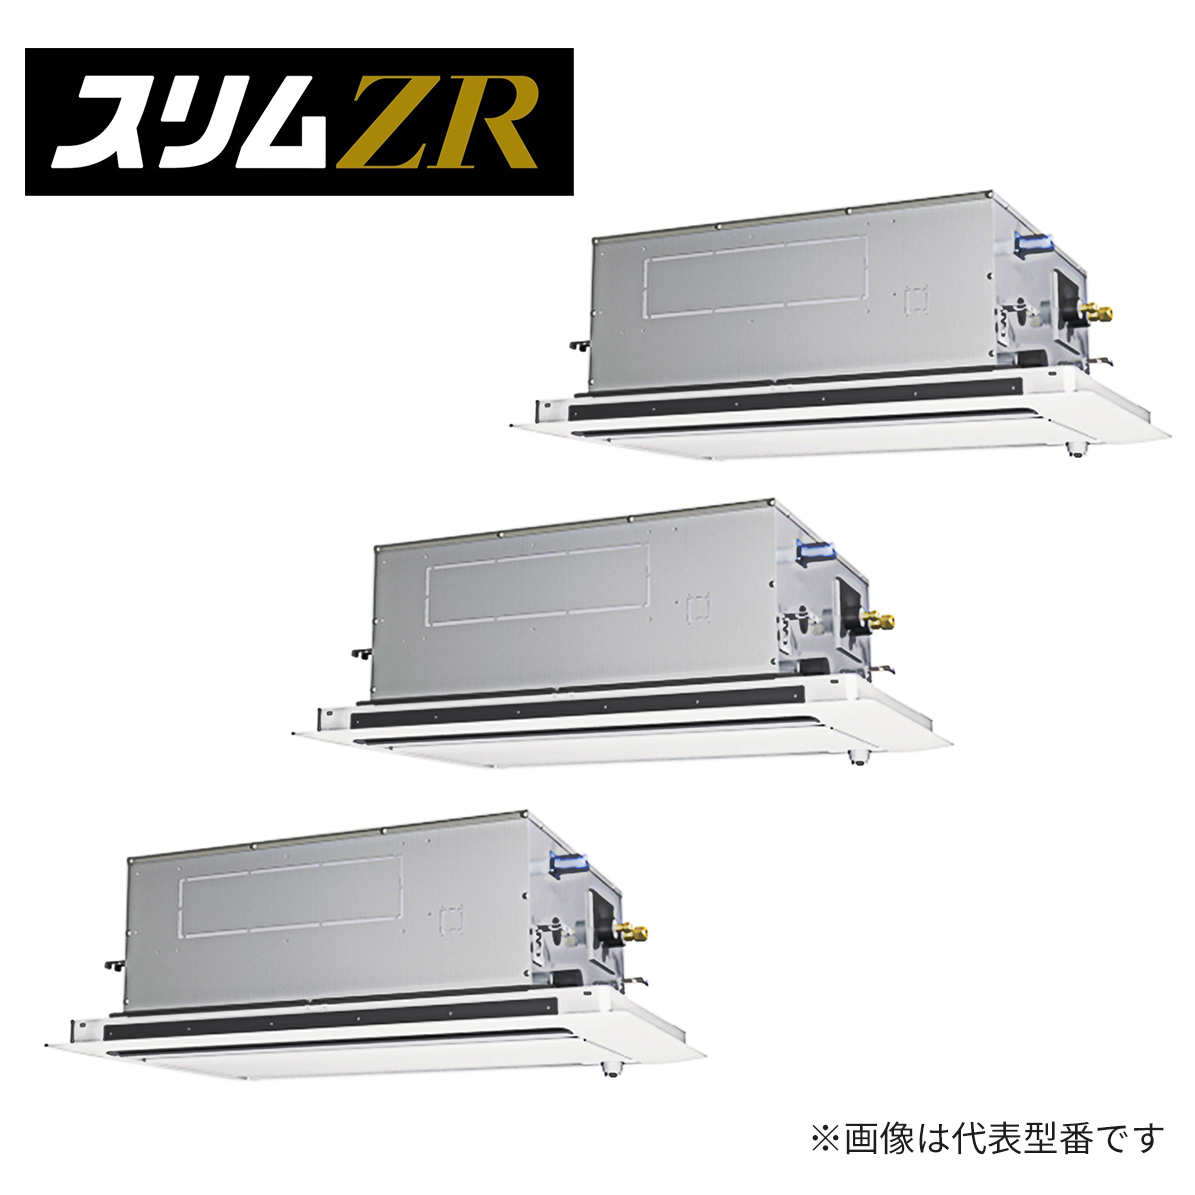 ###三菱 業務用エアコン【PLZT-ZRMP160LFR】スリムZR 2方向天井カセット形 同時トリプル 三相200V 6馬力